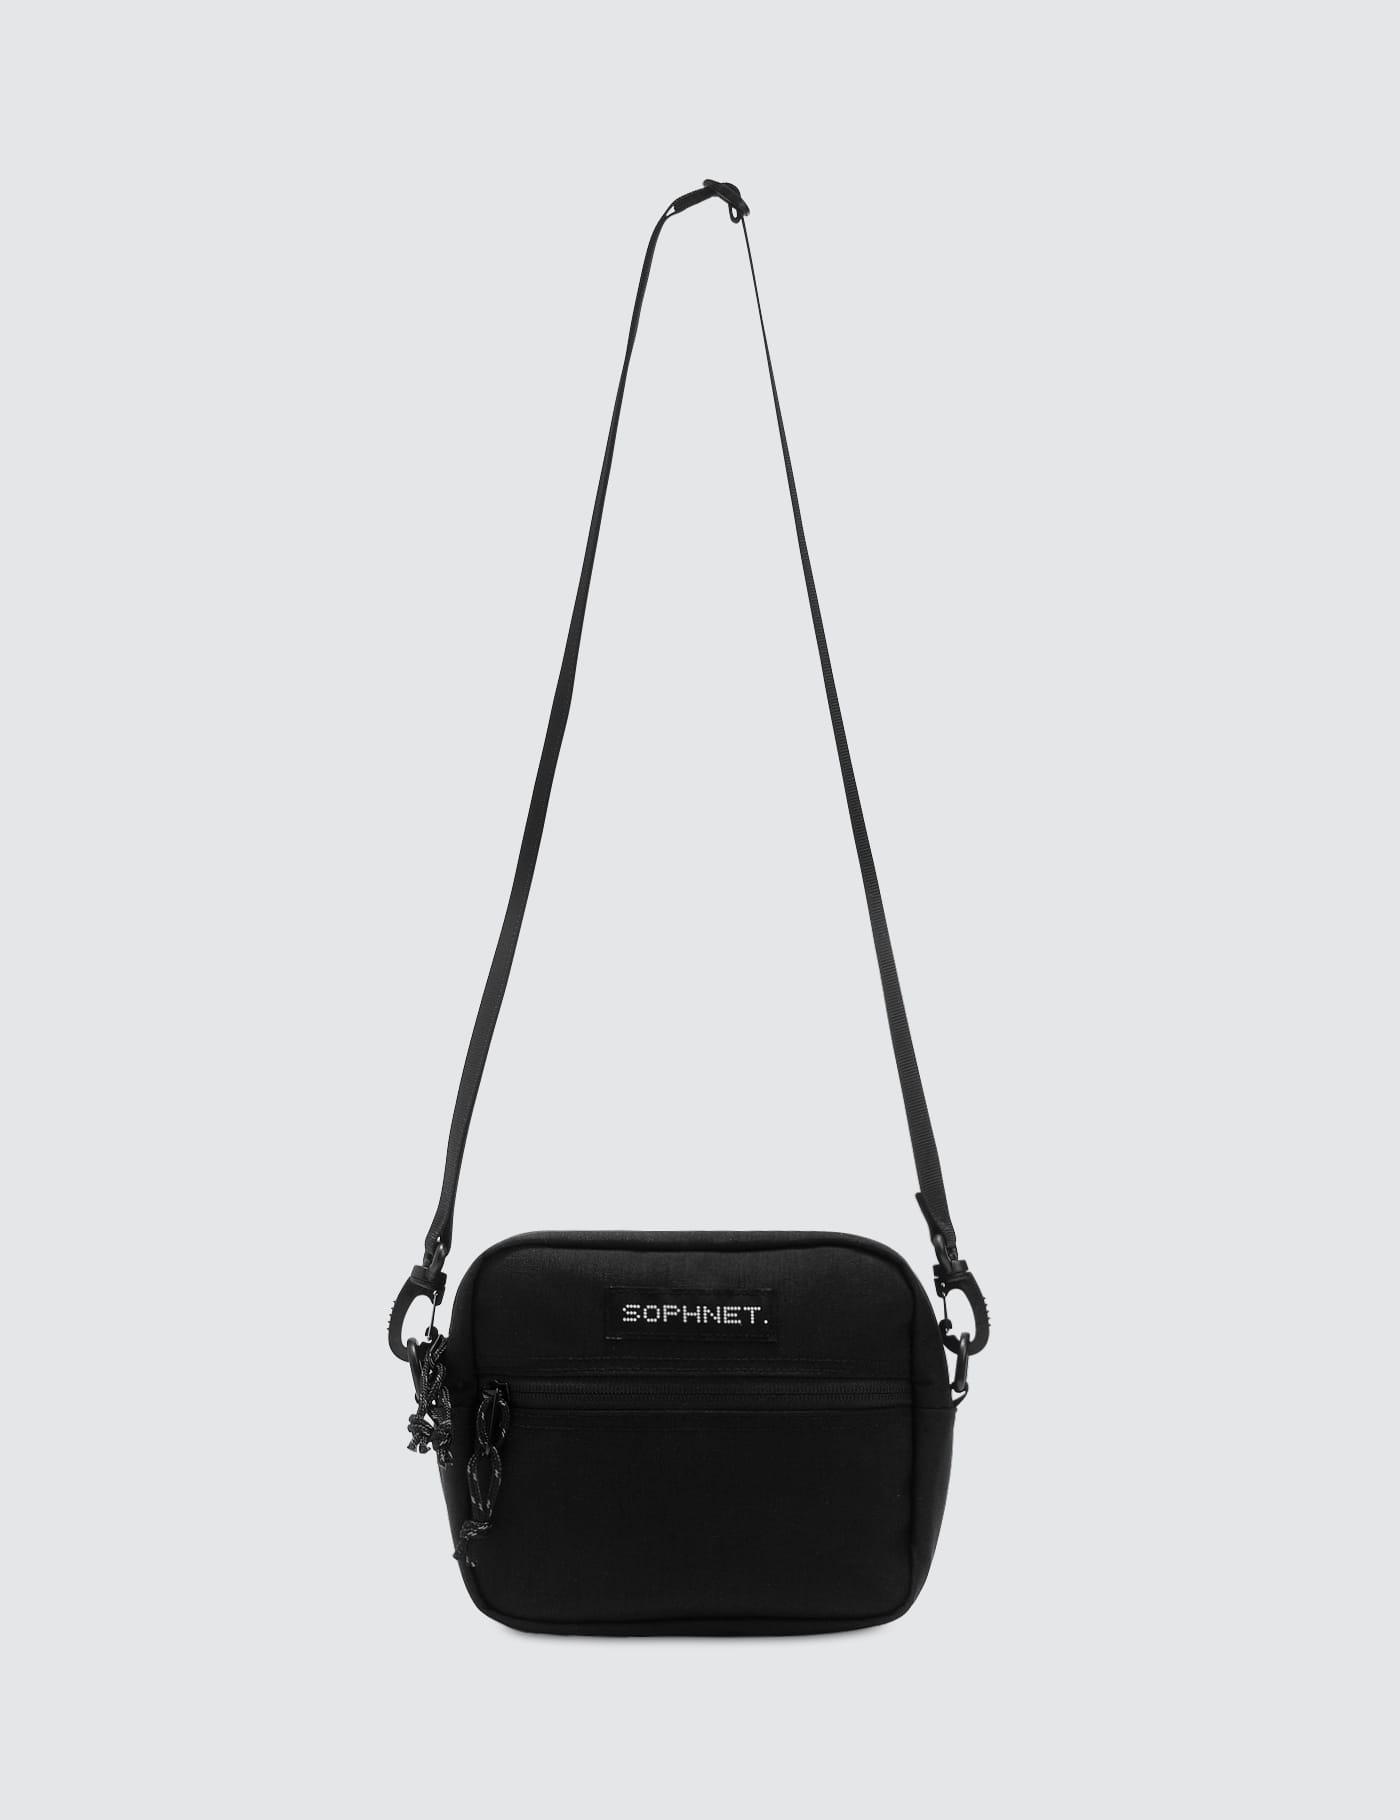 Sophnet Shoulder Bag